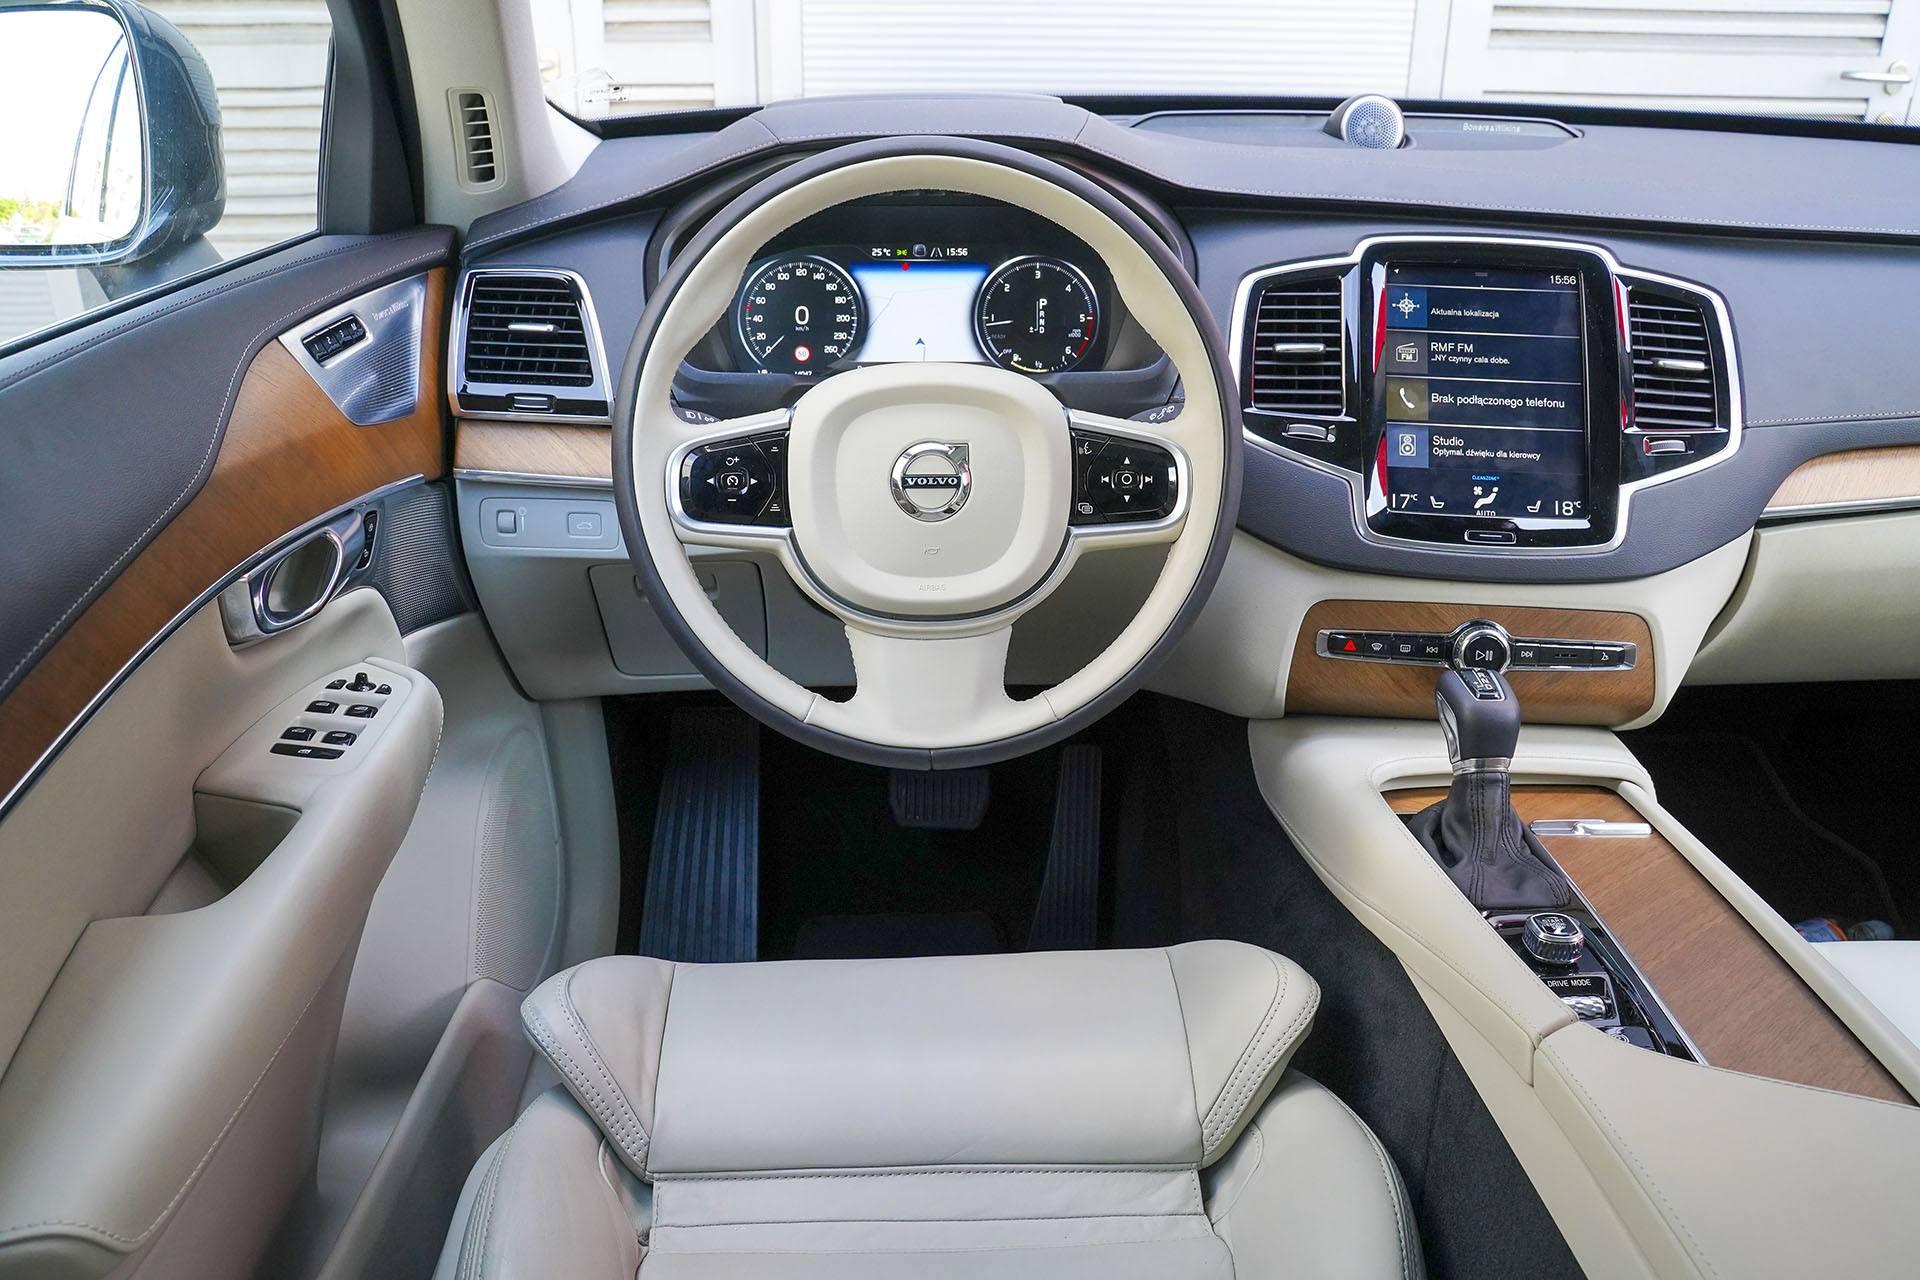 Volvo XC90 - deska rozdzielcza - Land Rover Discovery, Mercedes GLE, Range Rover Sport, Volkswagen Touareg, Volvo XC90 – PORÓWNANIE –opinie, dane techniczne, wymiary